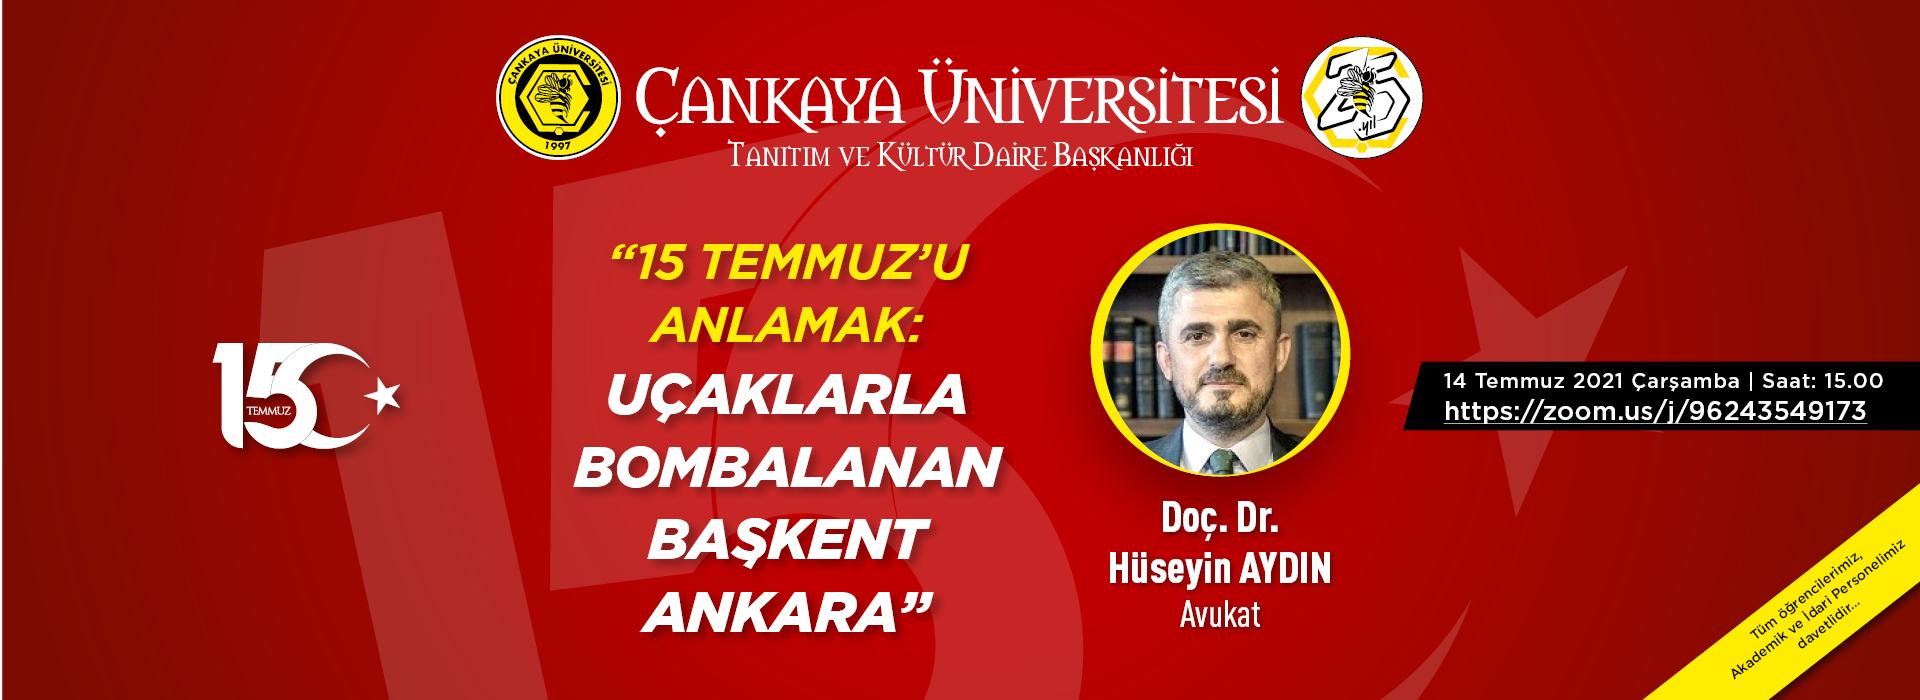 15 Temmuz'u Anlamak: Uçaklarla Bombalanan Başkent Ankara